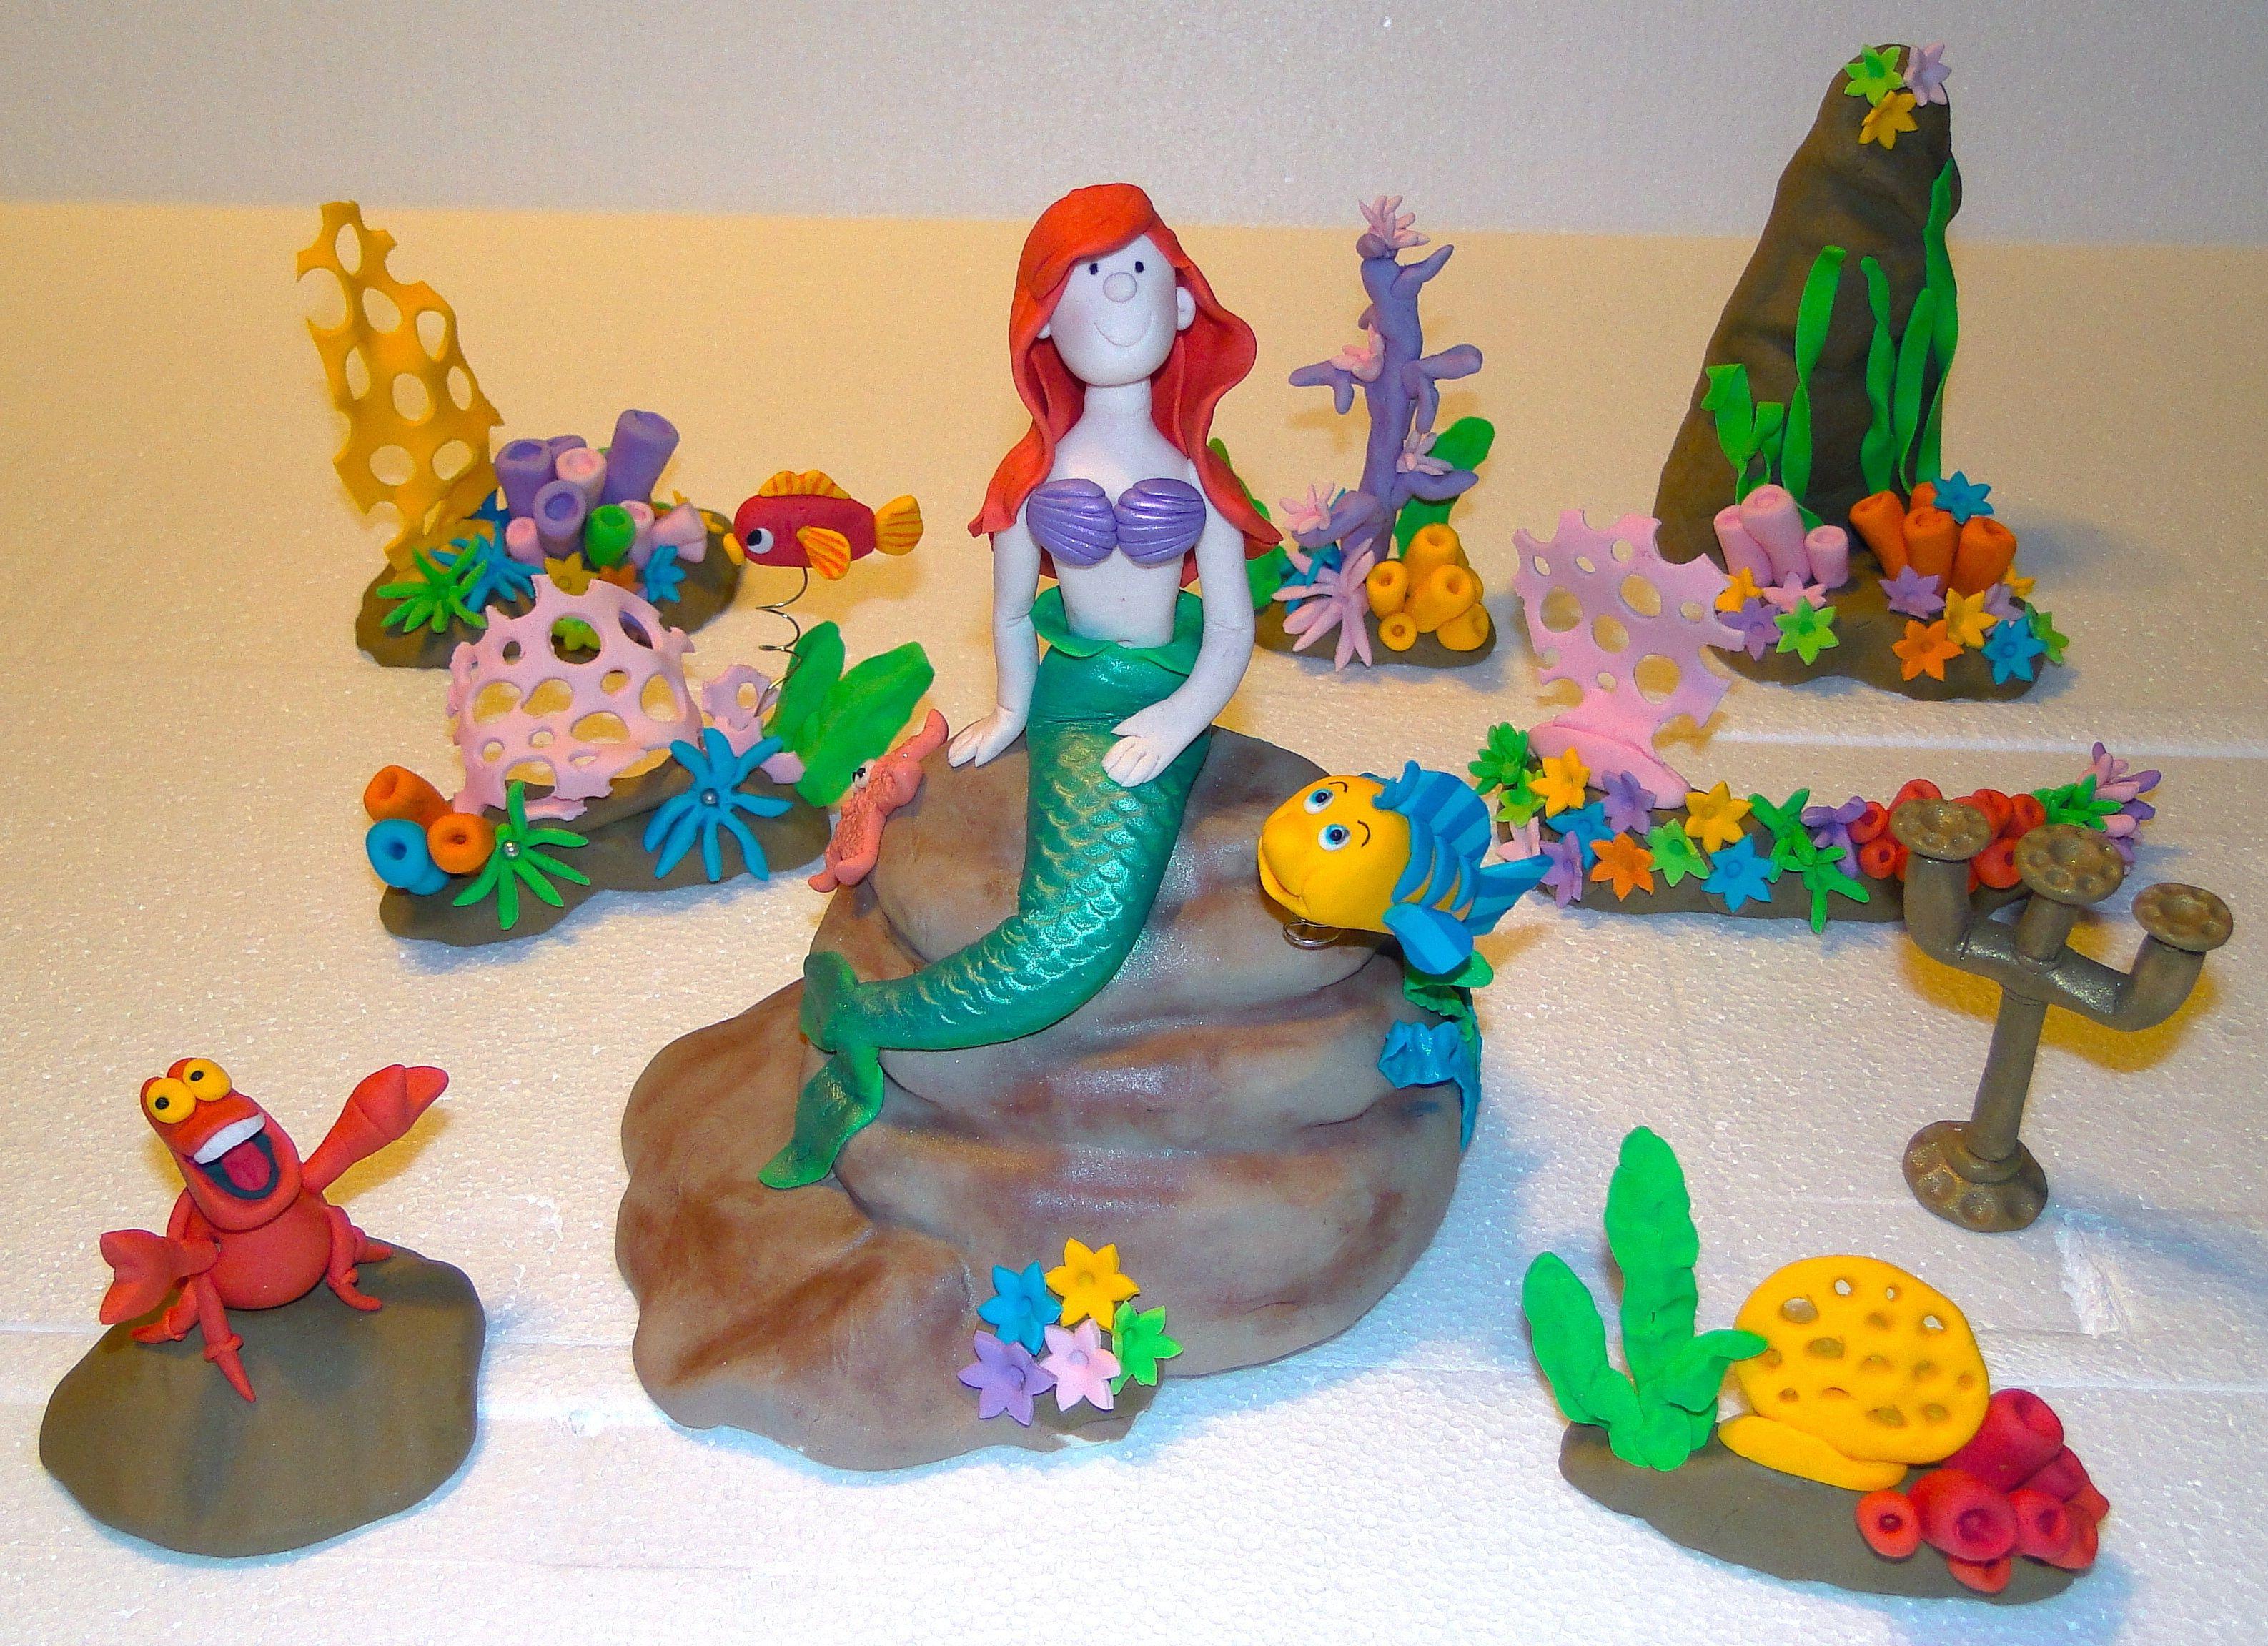 Little Mermaid Cake Decorating Kit Topper : Little Mermaid cake topper set Modeling fondant Pinterest